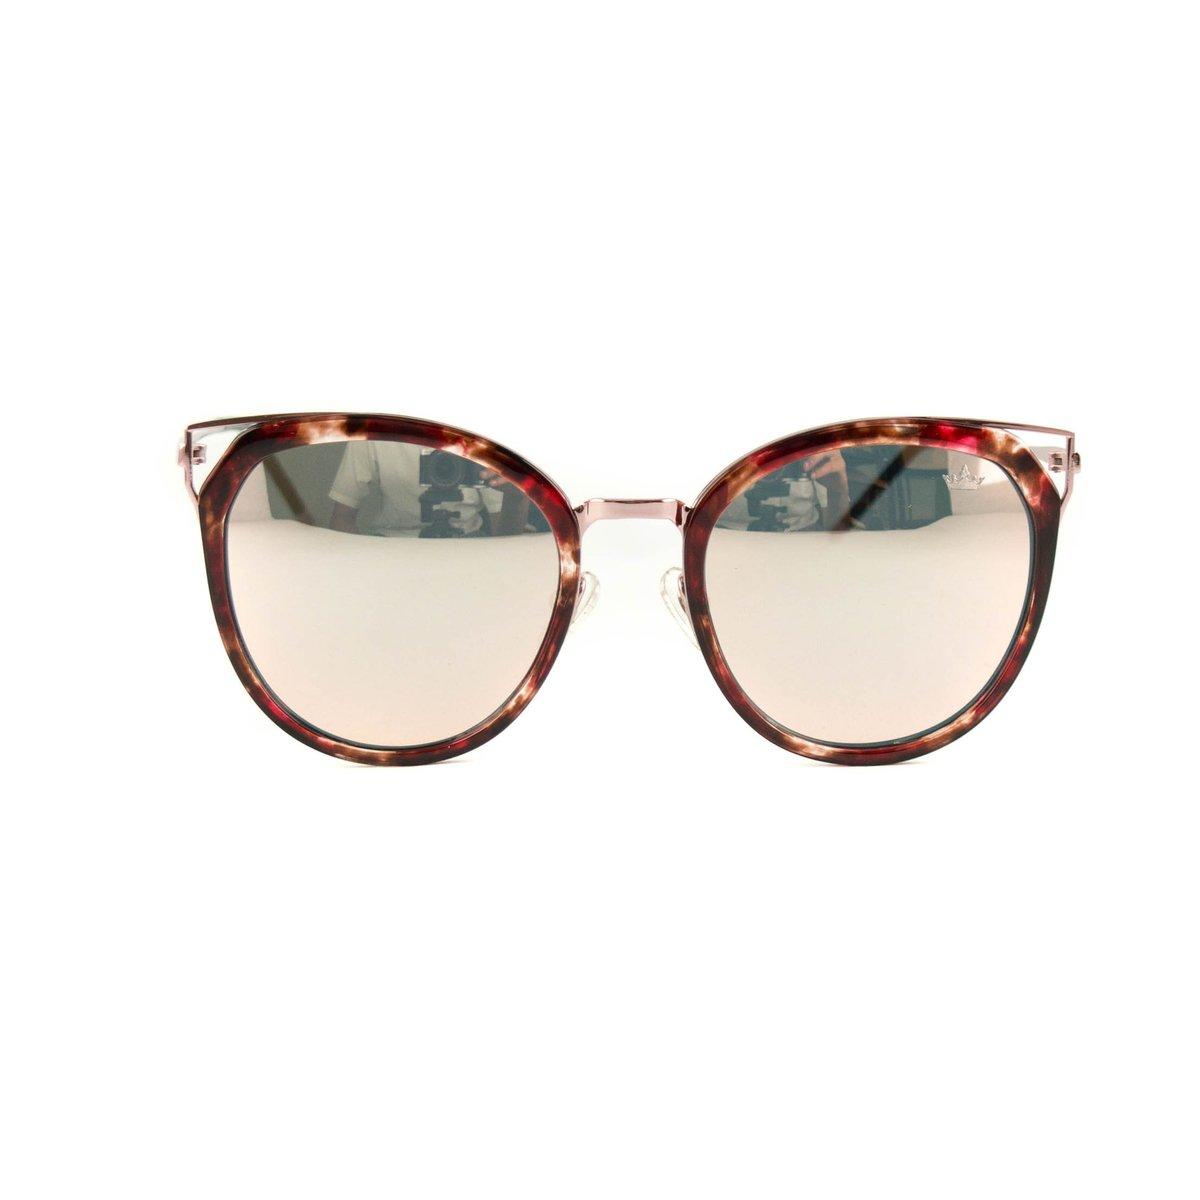 Óculos Carmim De Sol Espelhado - Compre Agora   Zattini e2ca4502ec